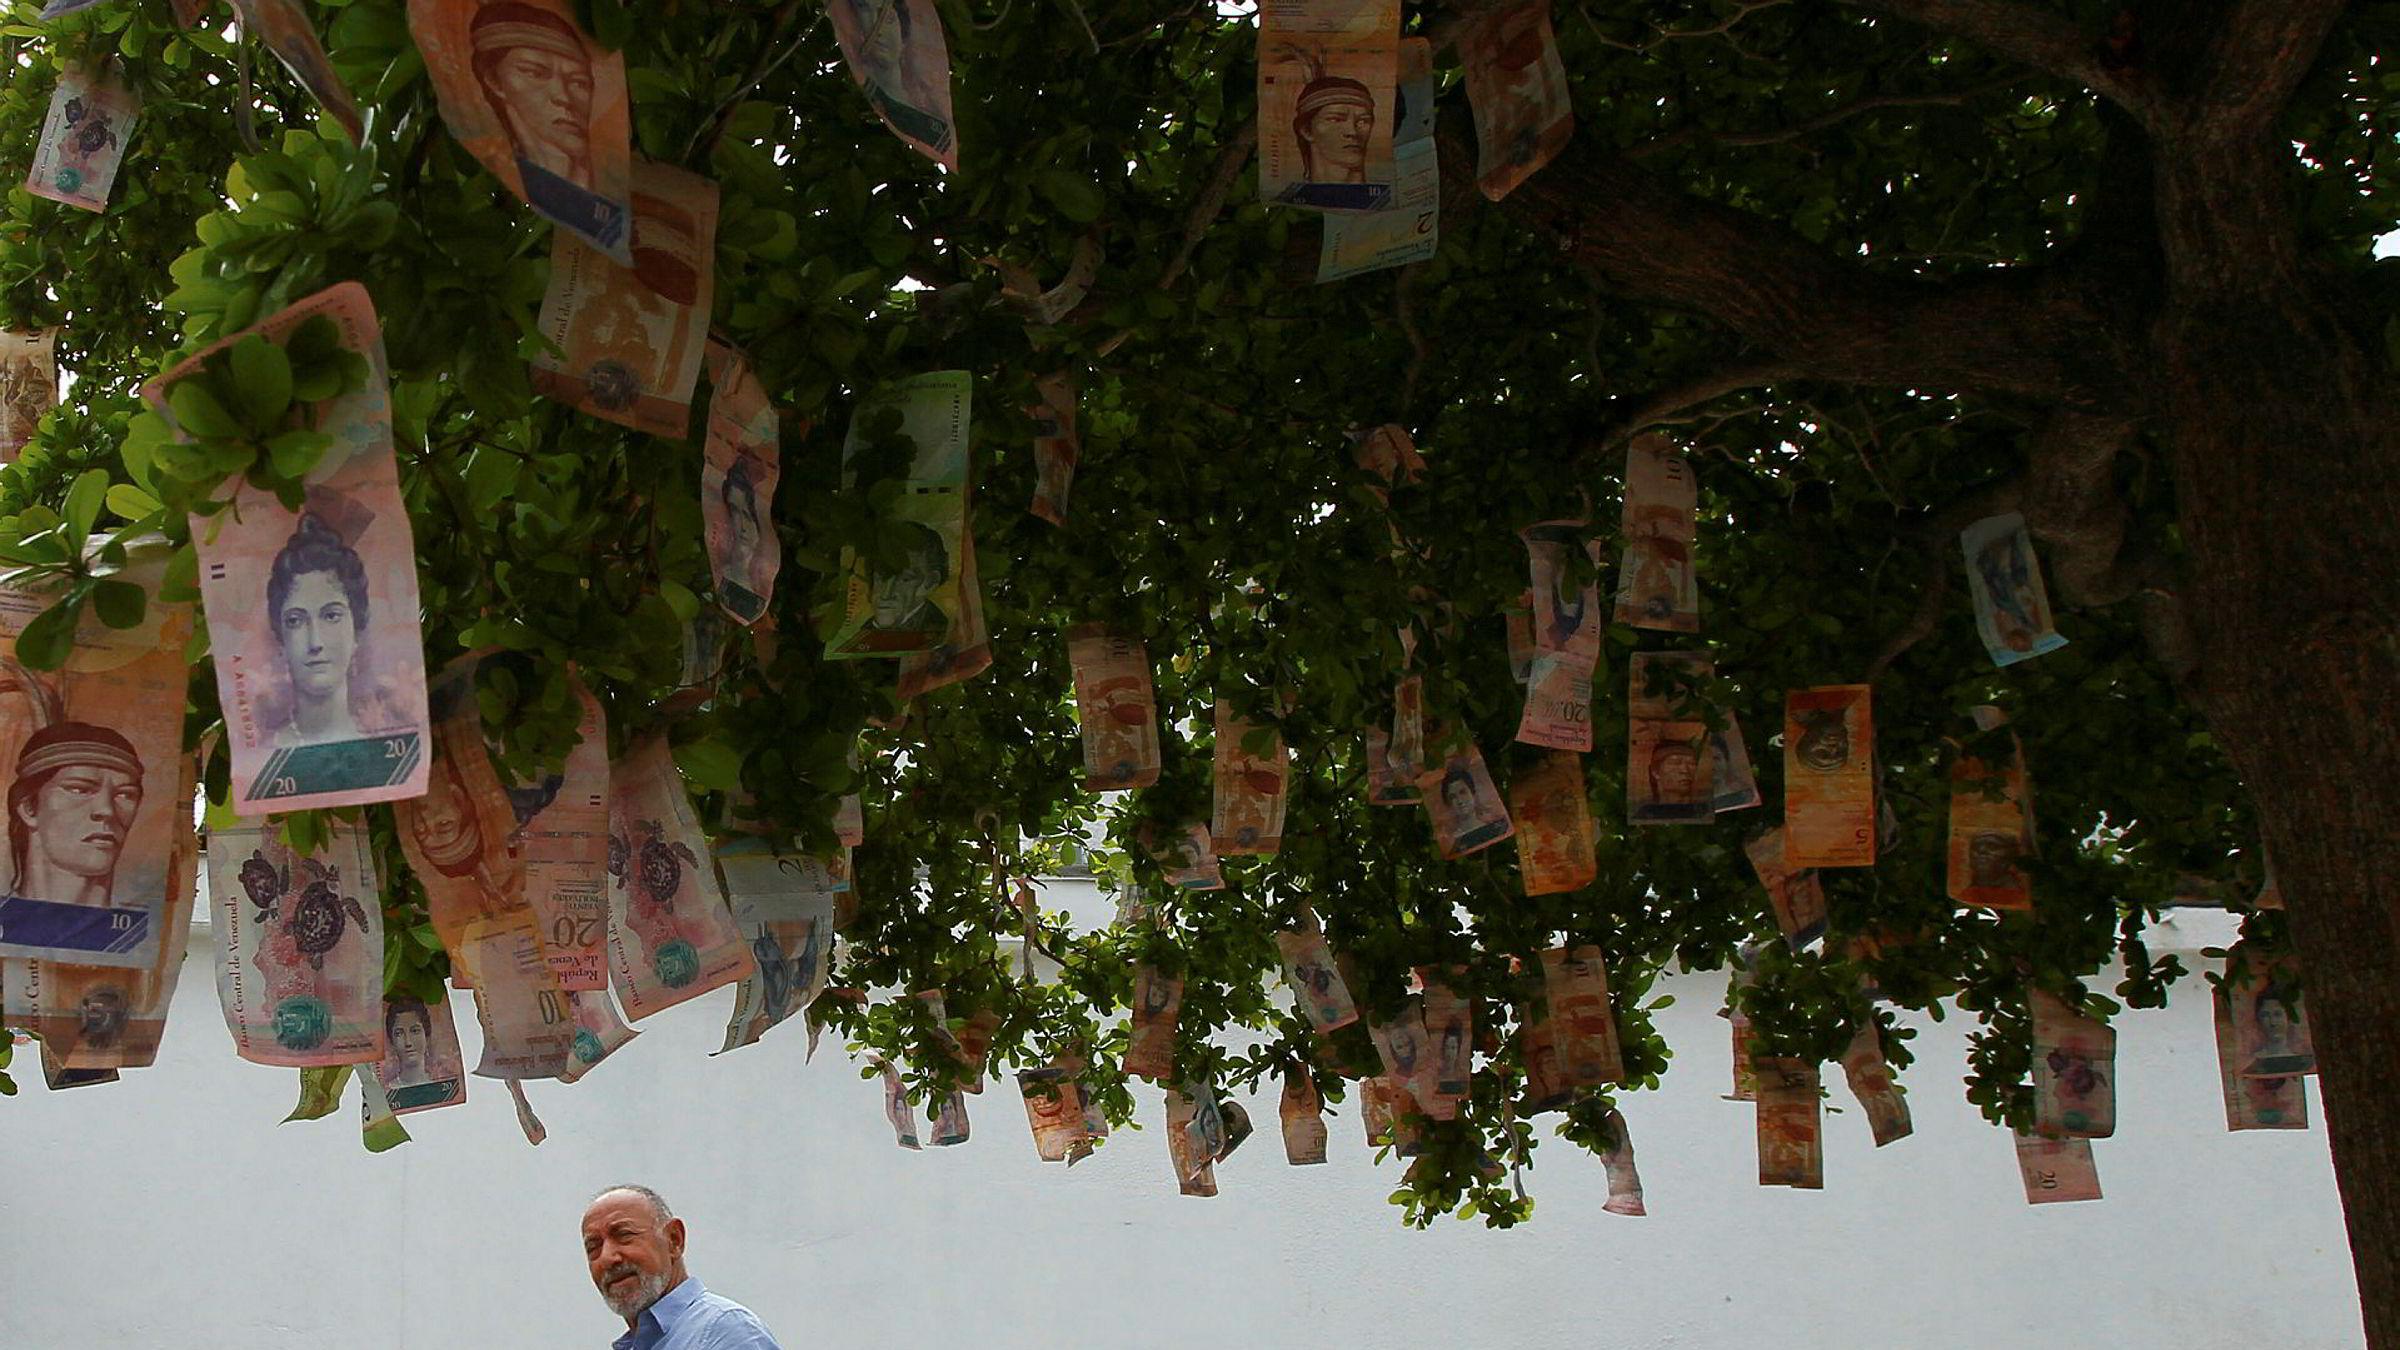 Penger vokser ikke på trær, i hvert fall ikke i Venezuela. Men mange venezuelanere har hengt opp nærmest verdiløse bolivar-sedler på trær som en protest på tilstanden i landet.